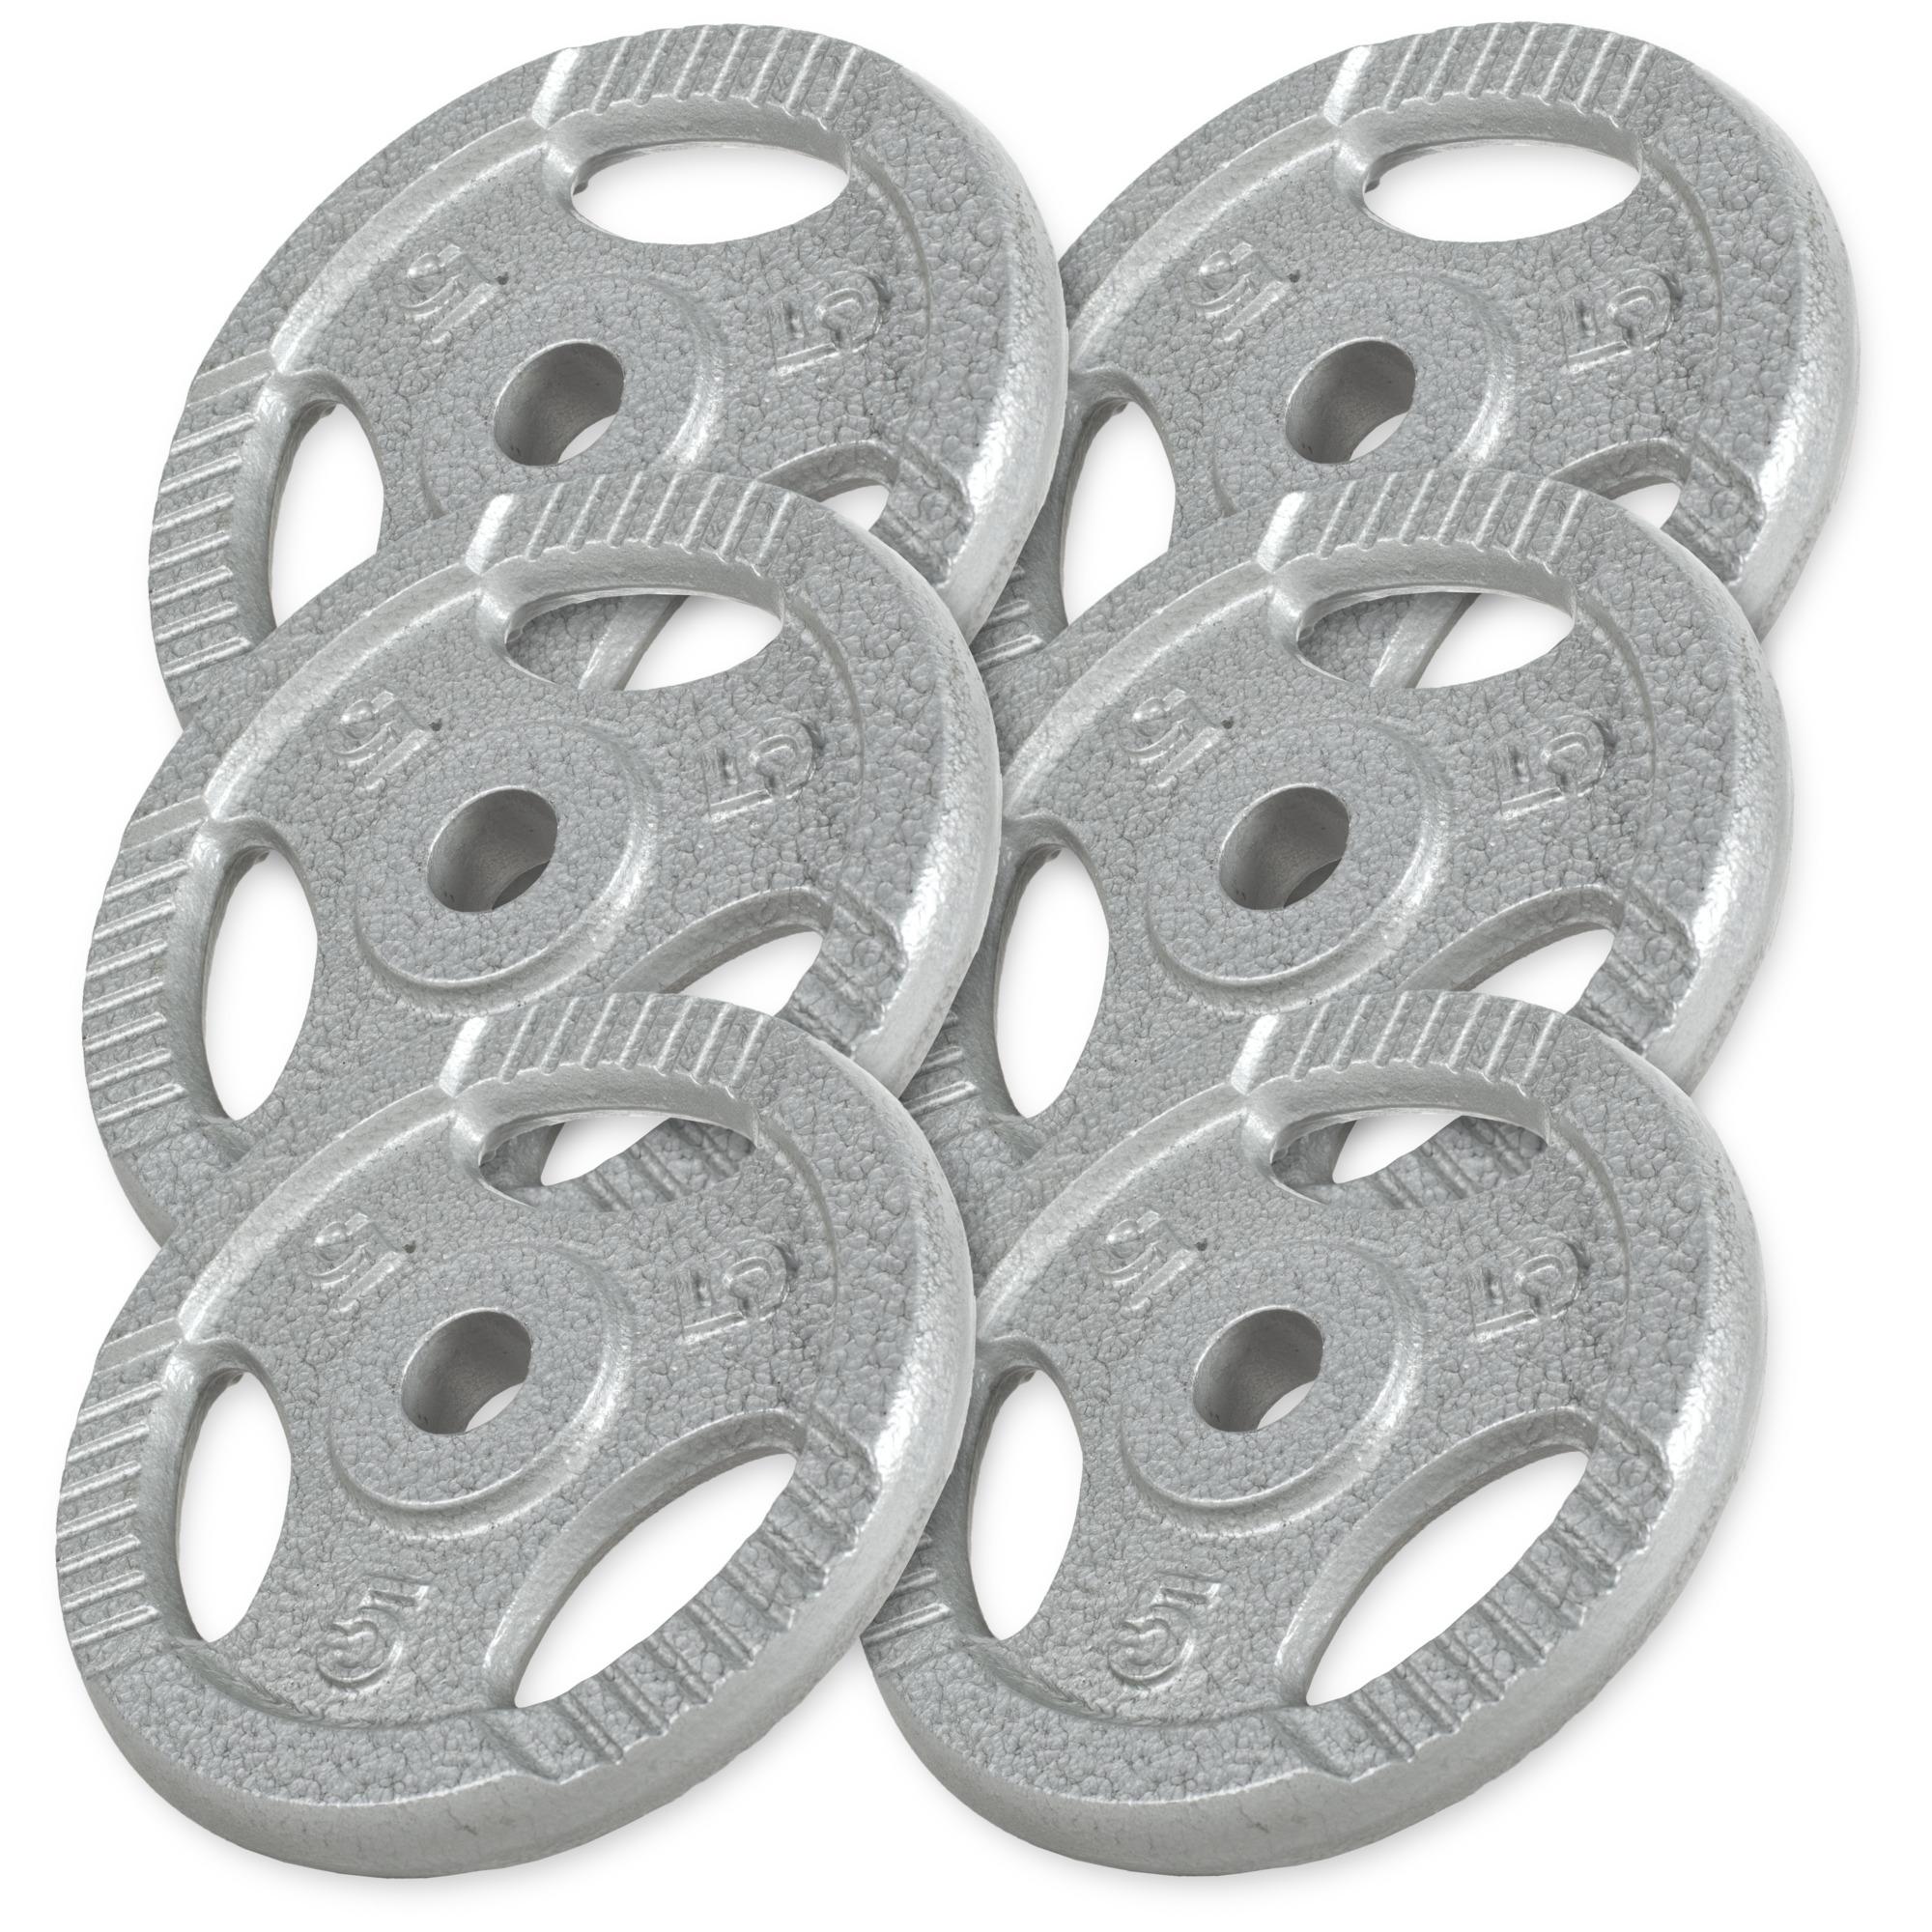 Gorilla-Sports-Disques-en-fonte-avec-poignees-31-mm-Gris-De-0-5-KG-a-20 miniature 9